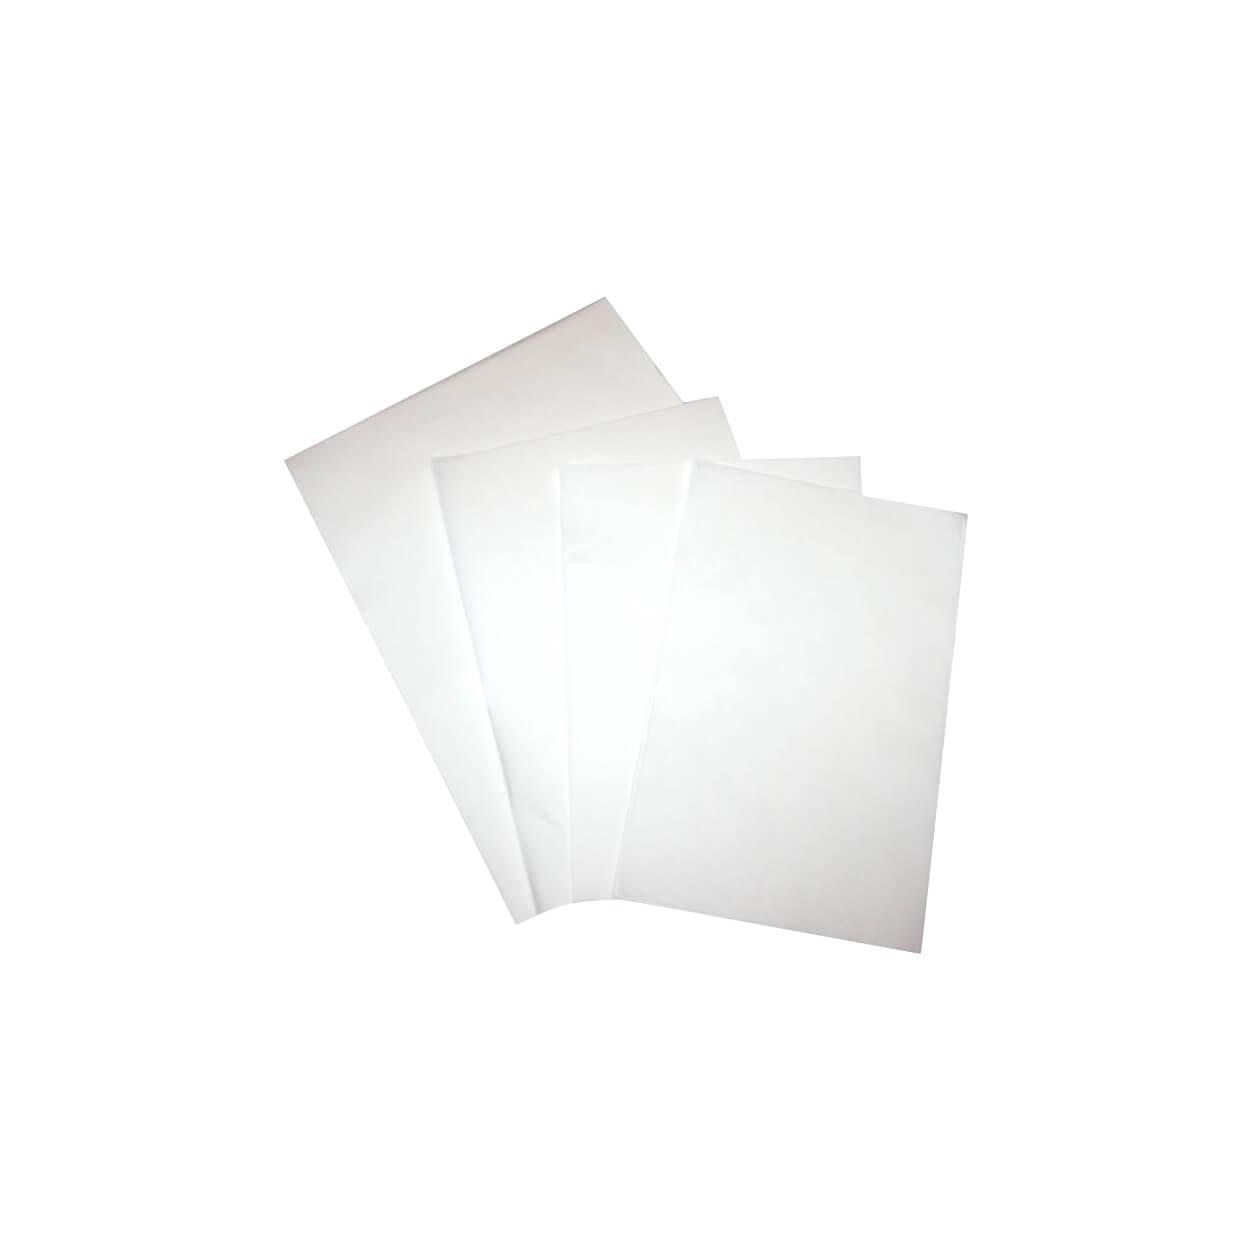 ΧΑΡΤΙ ΑΝΤ/ΚΟ 40×60 ΨΗΣ/ΤΟΣ